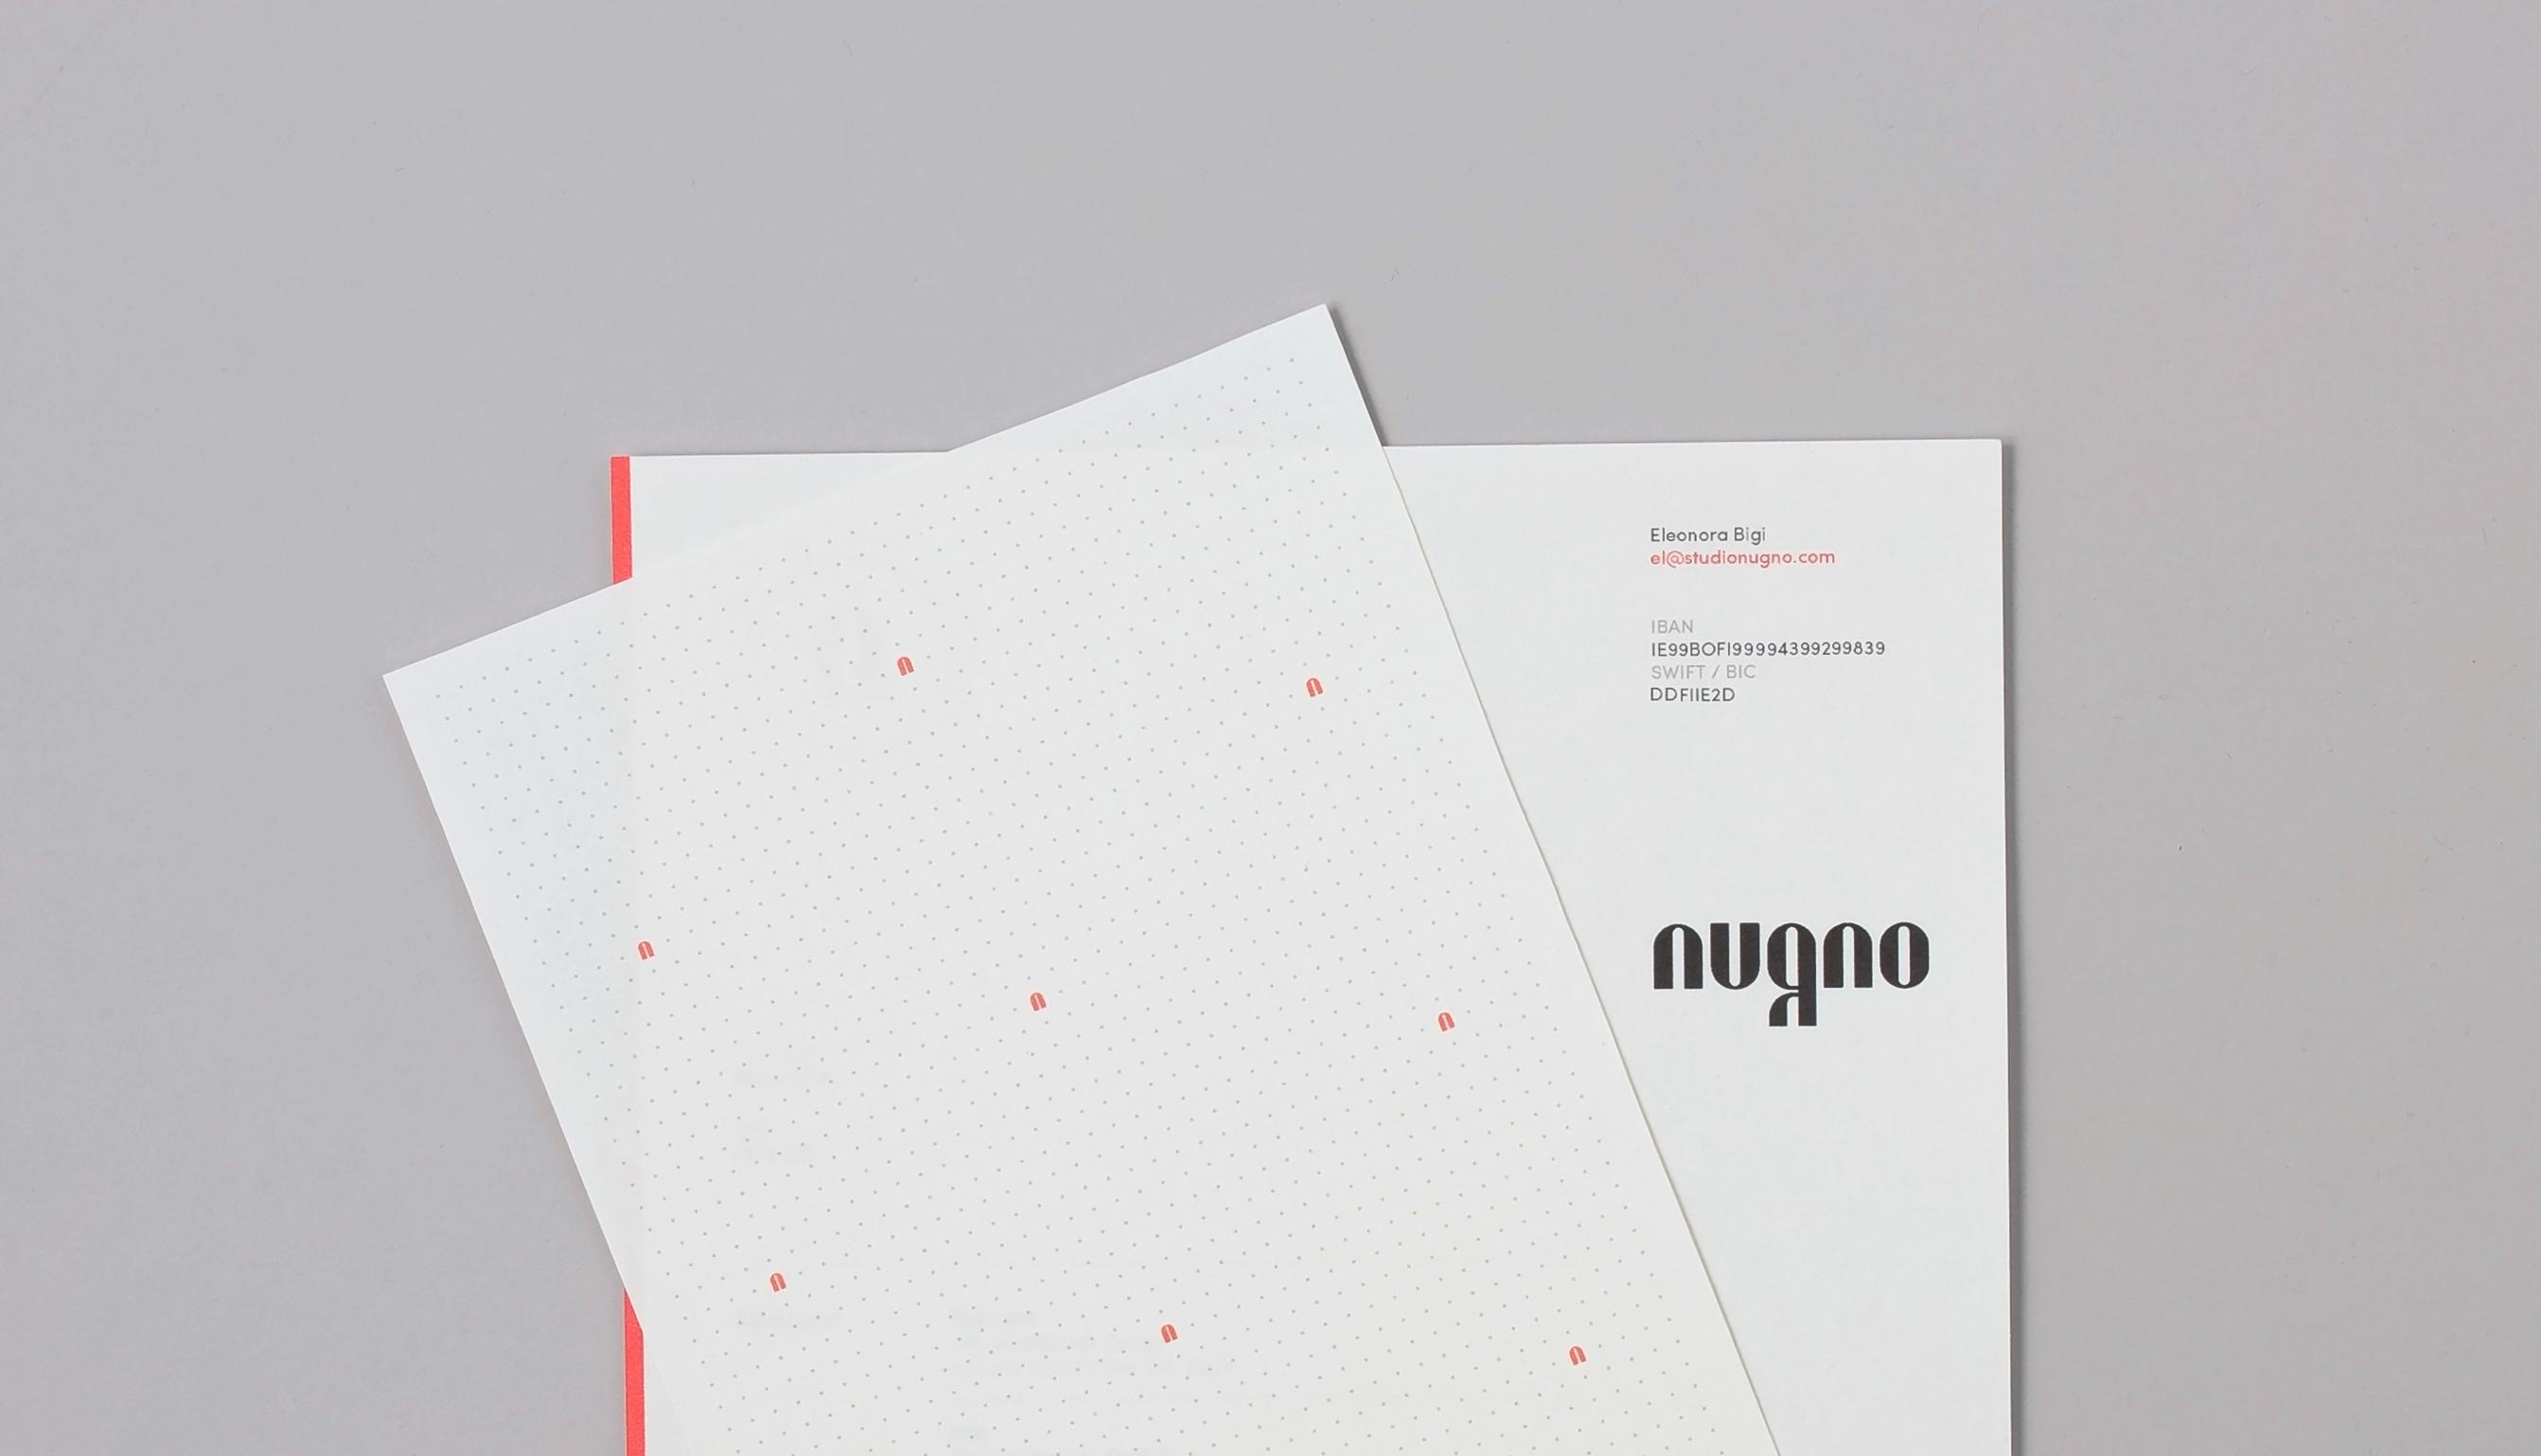 Cover image: Studio Nugno